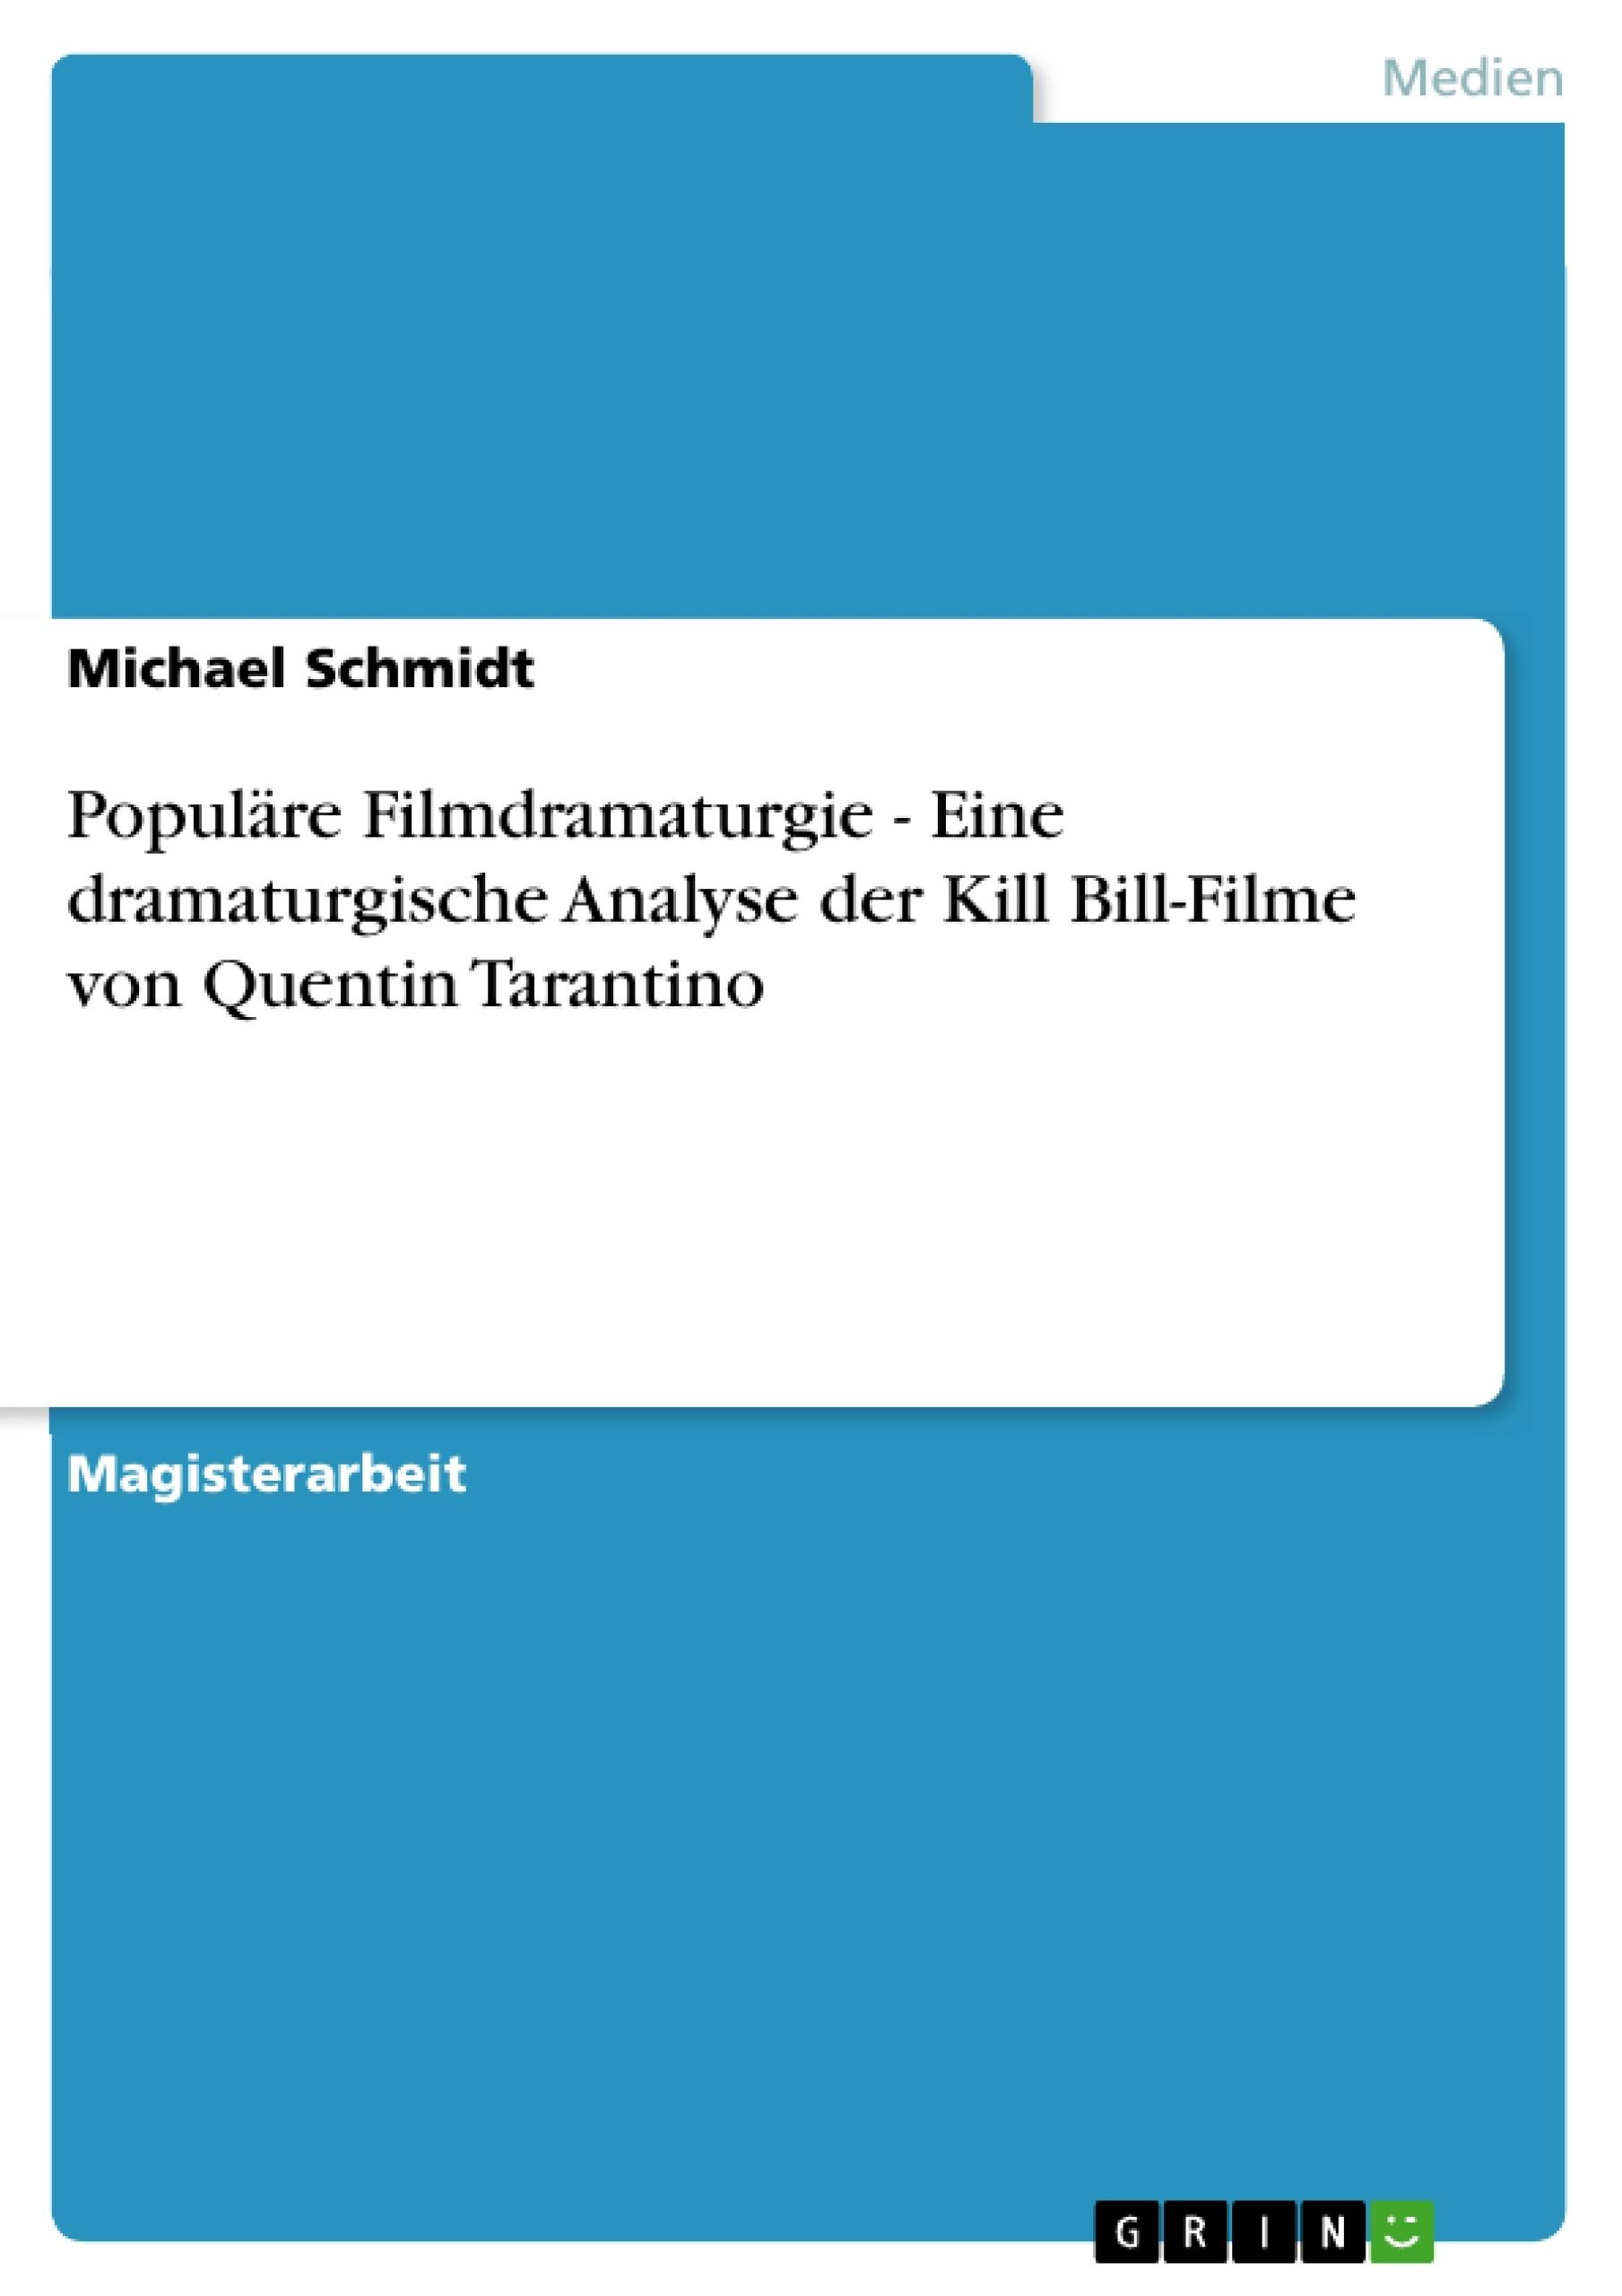 Titel: Populäre Filmdramaturgie - Eine dramaturgische Analyse der Kill Bill-Filme von Quentin Tarantino